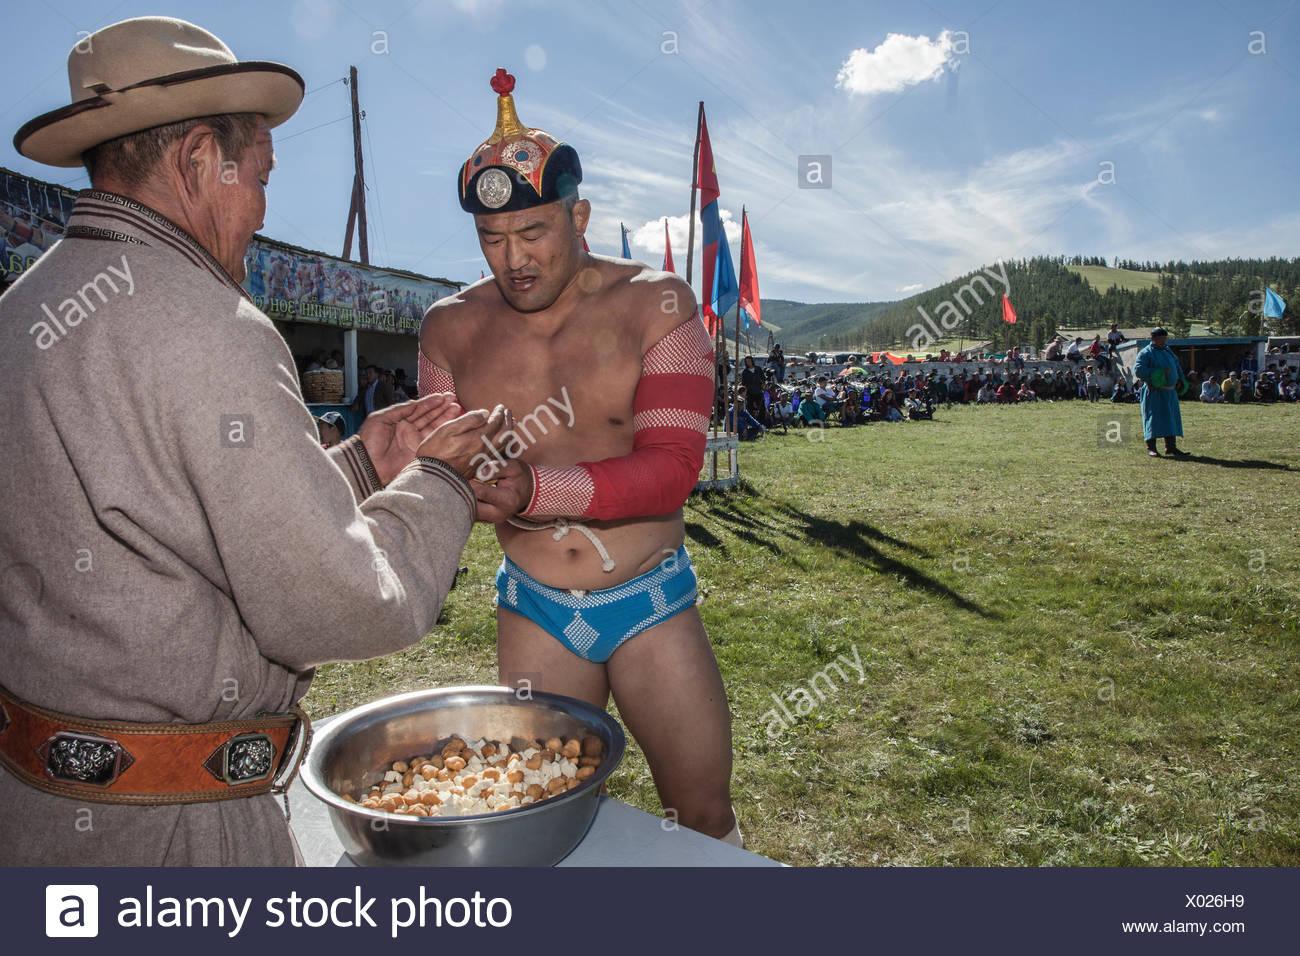 Un lutteur Mongol, plein de fierté, attrapant une poignée de fromage qu'il va jeter dans le ciel et la foule de ses admirateurs. Lantern Festival annuel à Tsetserleg, province Arkhangai, Mongolie Banque D'Images